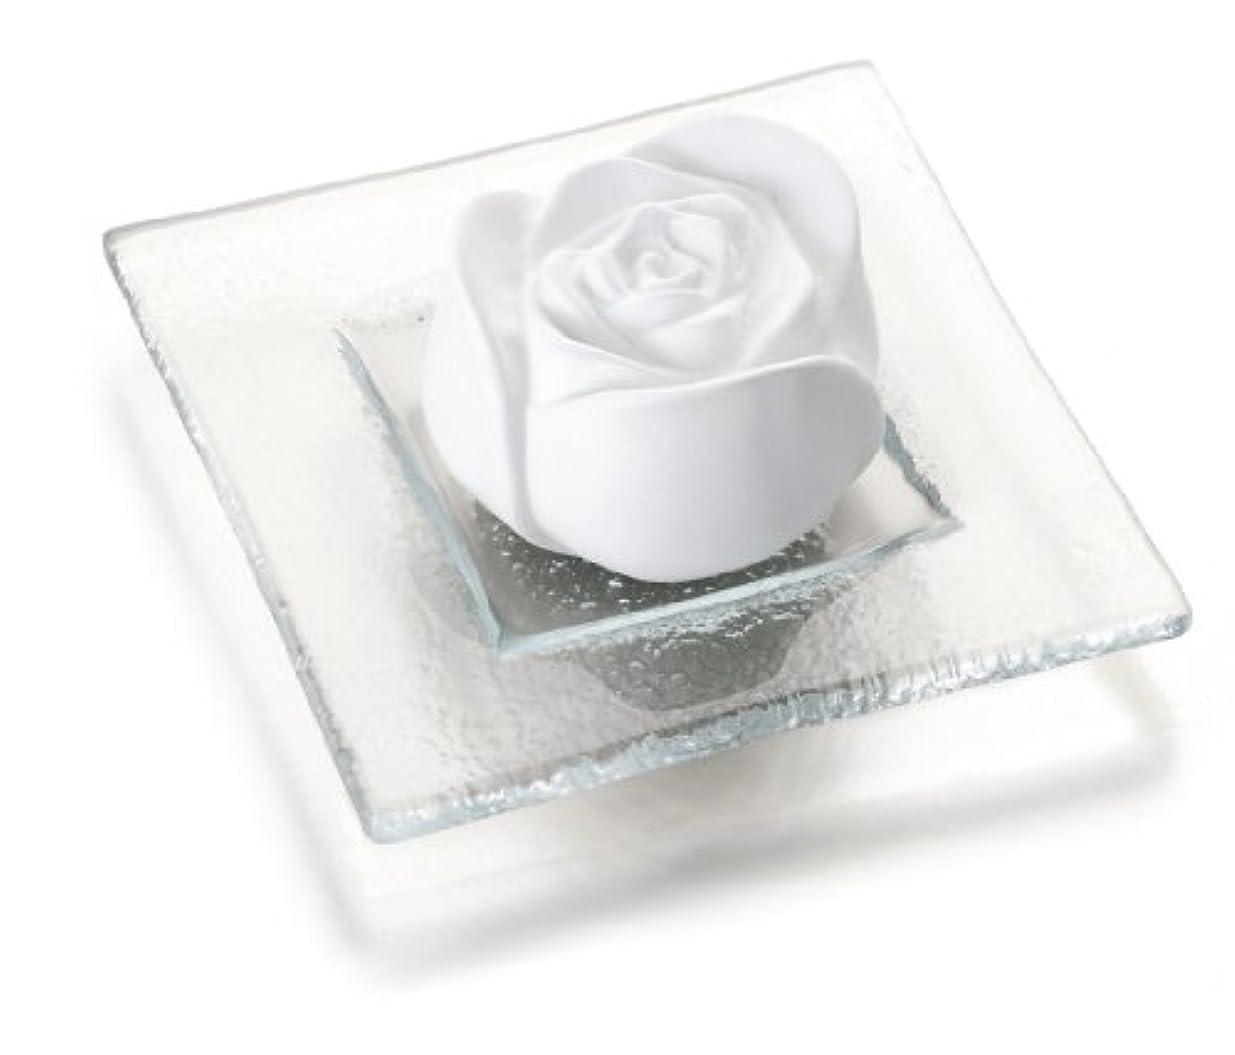 してはいけない妻葉を集めるポマンダー ローズ(ガラズ皿つき)プリマヴェーラ(プリマベラ)「天の香り」